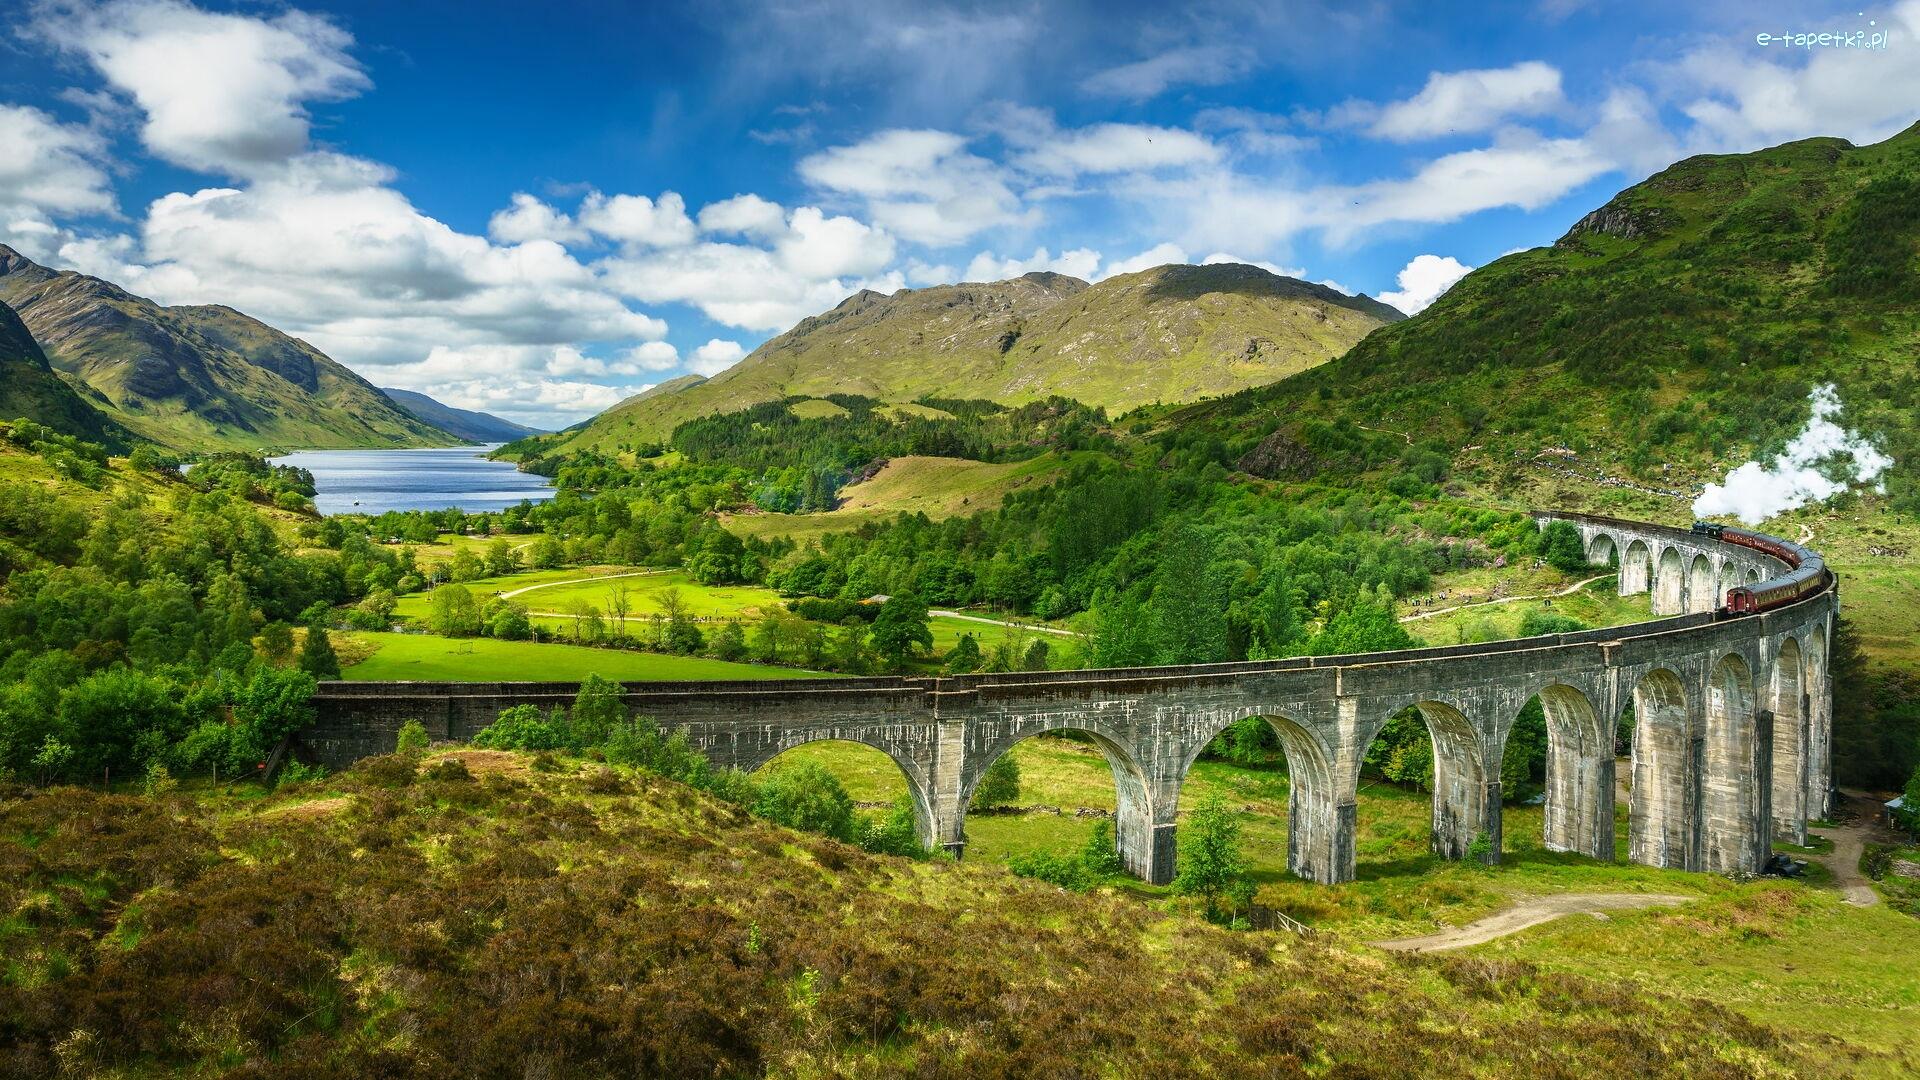 Pociąg, Dolina, Wzgórza, Wiadukt Glenfinnan, Jezioro Shiel ...